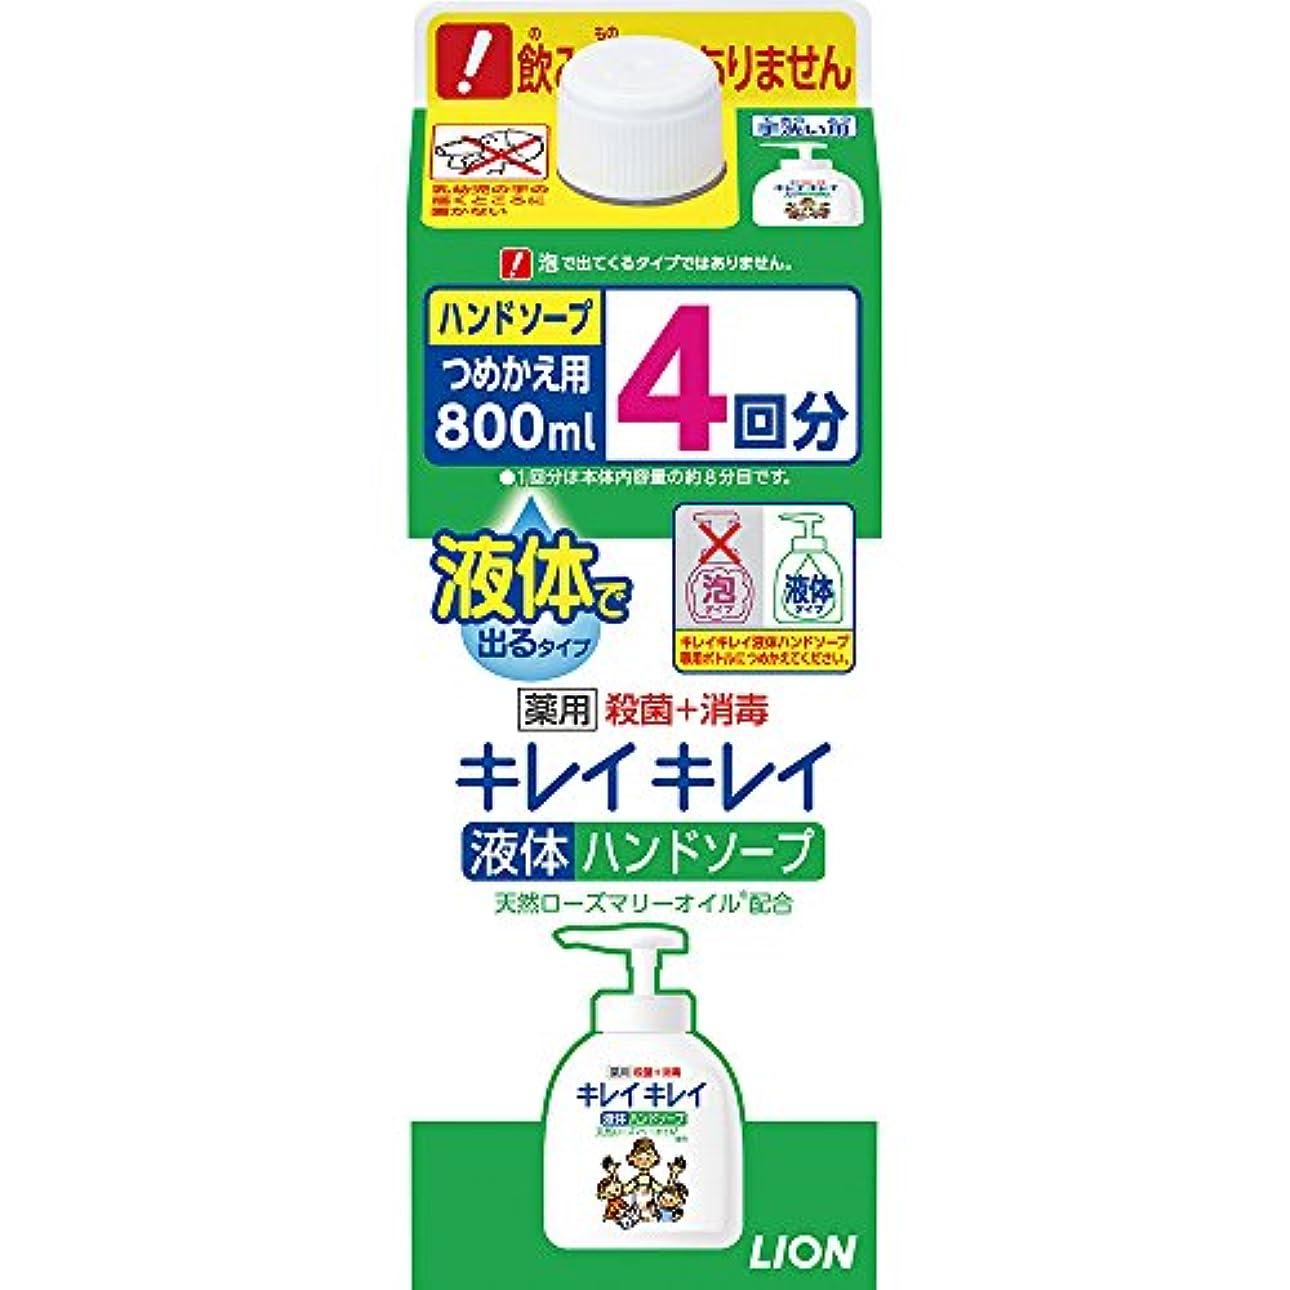 文芸高速道路コンドーム(医薬部外品)【大容量】キレイキレイ 薬用 液体ハンドソープ 詰め替え 特大 800ml